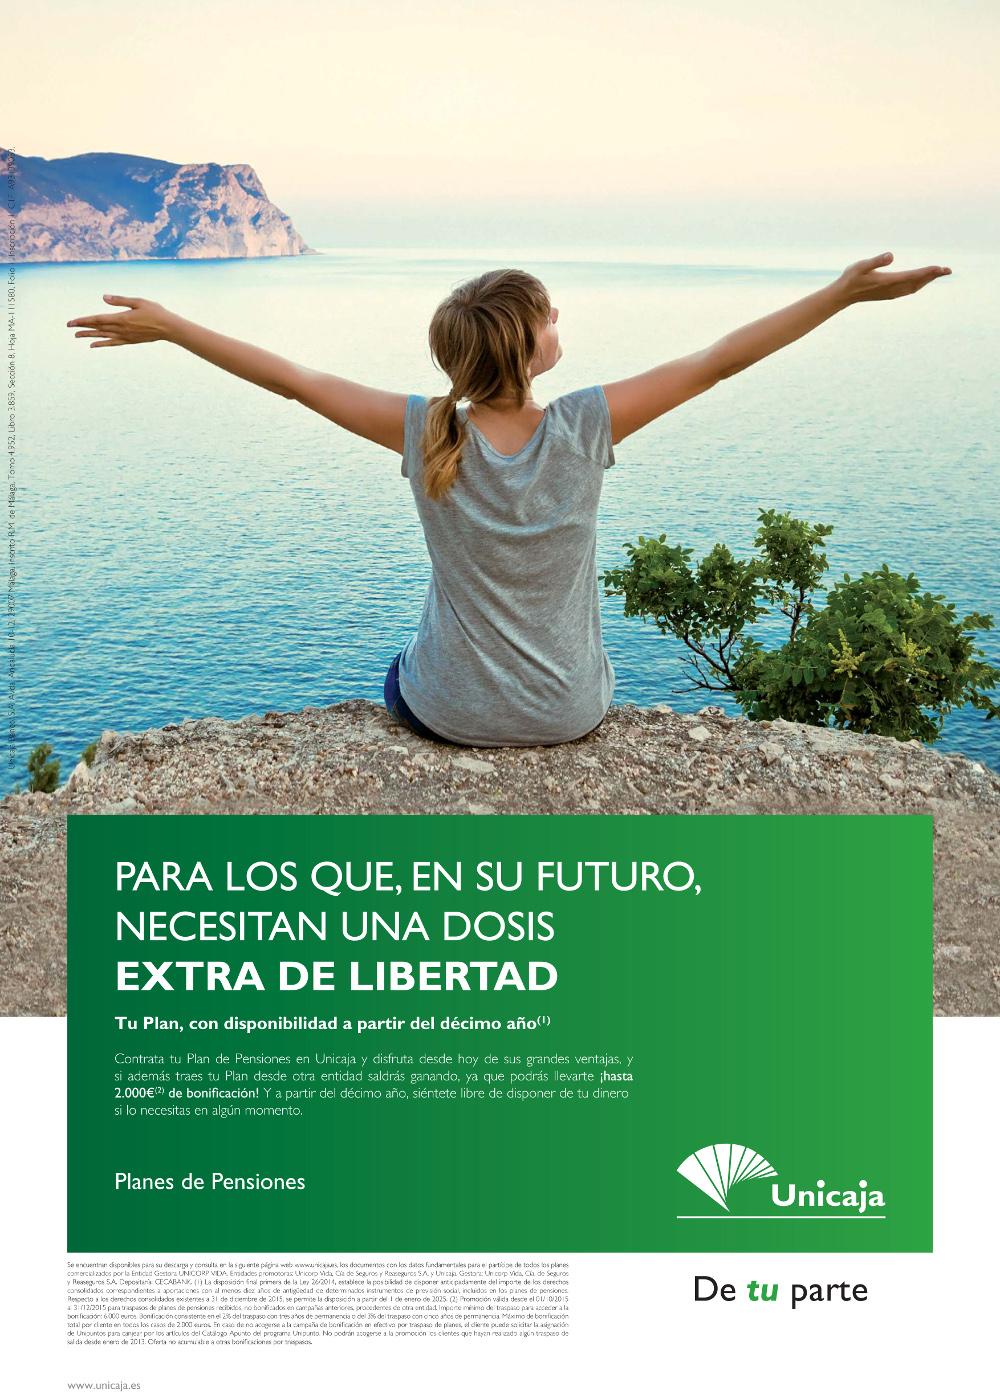 Unicaja lanza una campaña de planes de pensiones con bonificaciones de hasta el 3 por cien